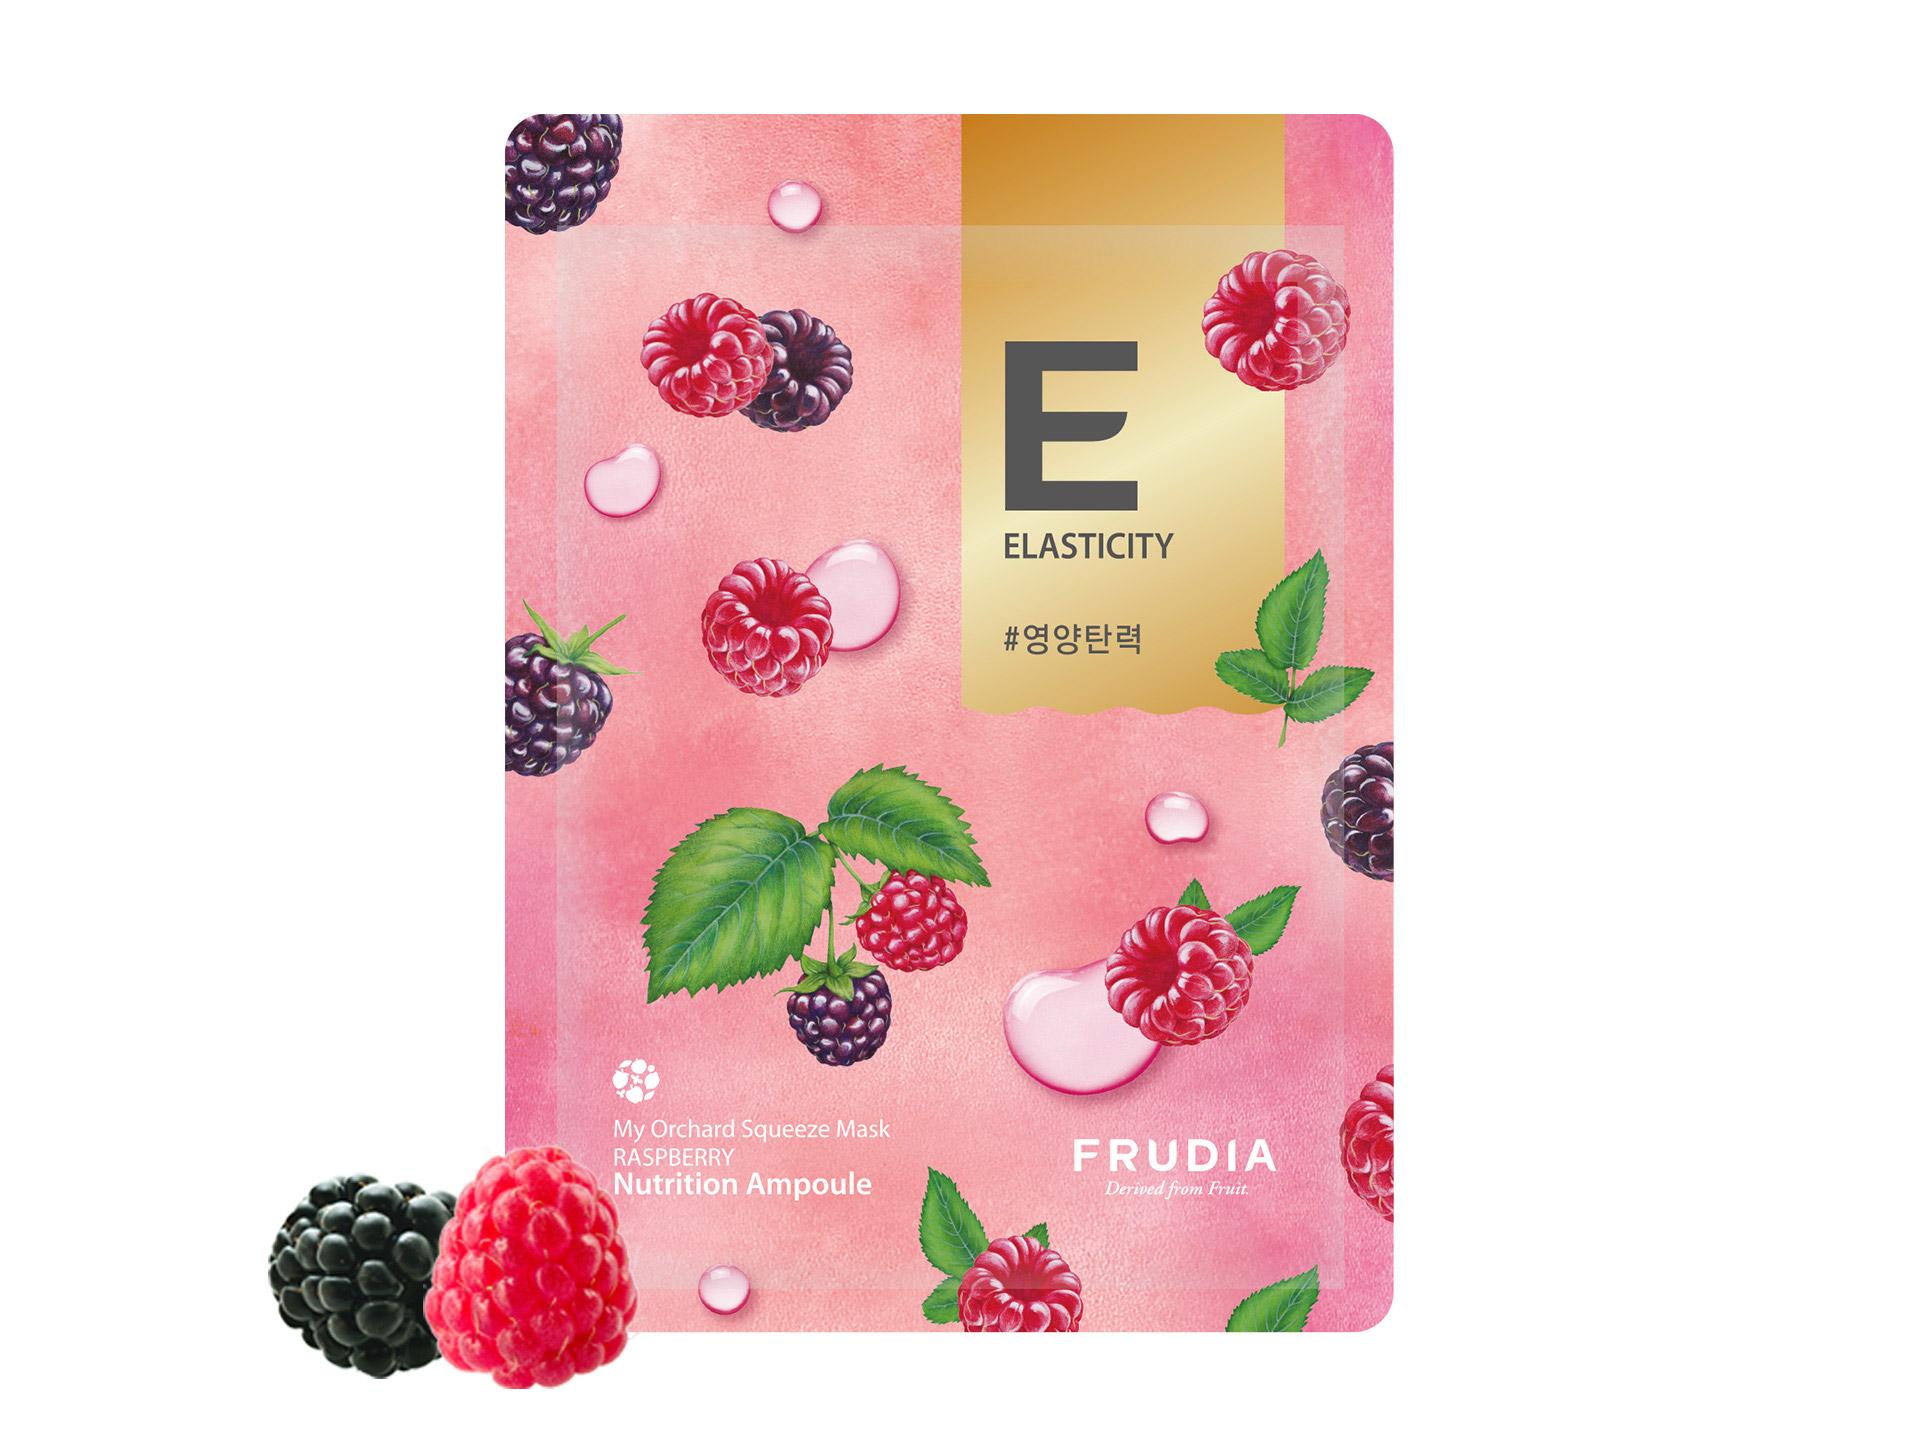 FRUDIA - My Orchard Squeeze Mask Raspberry Wine - Nawilżająco-przeciwzmarszkowa maska na bazie malin